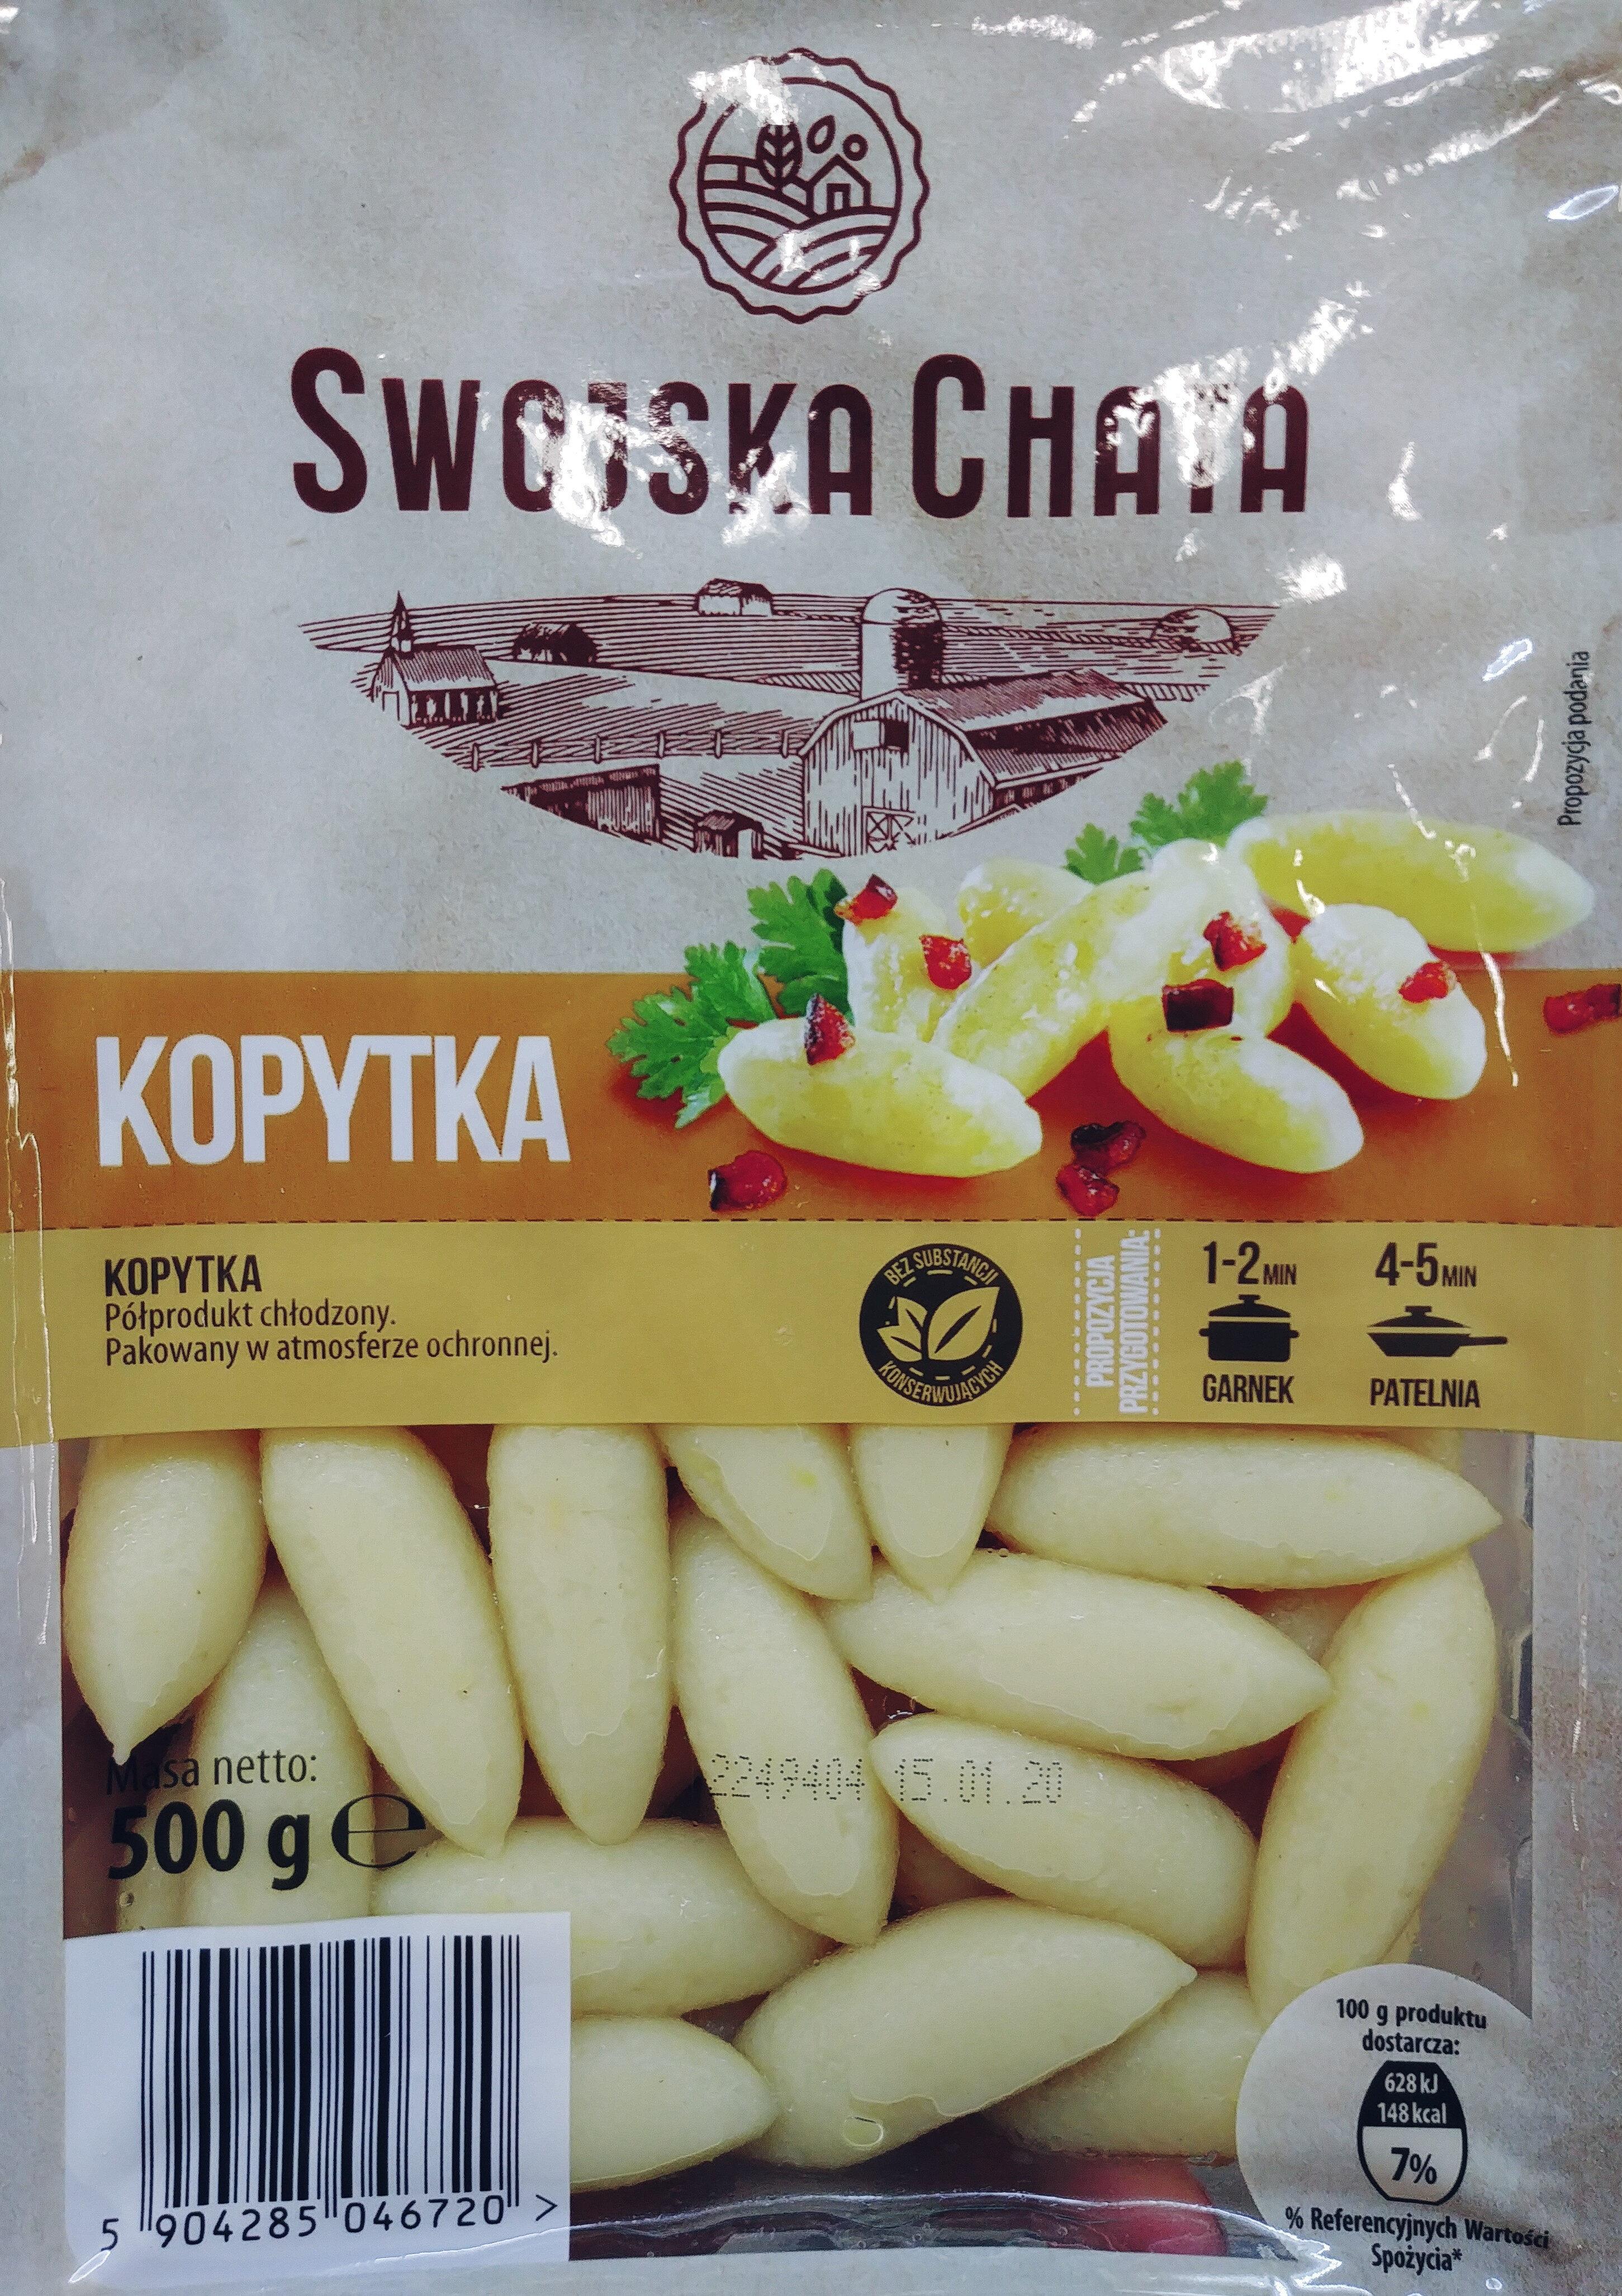 Kopytka - Product